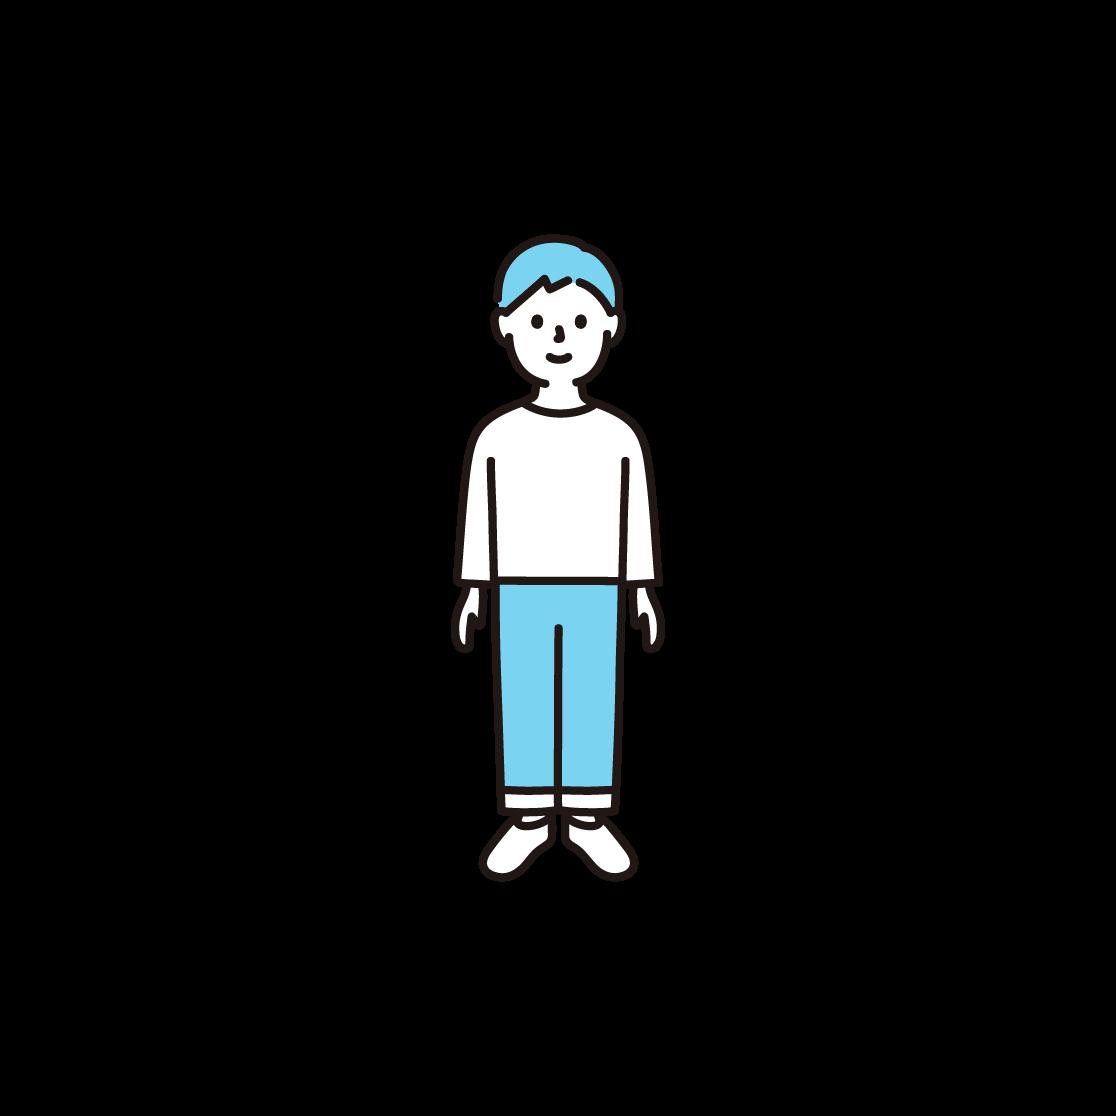 子ども(男の子)の単色イラスト